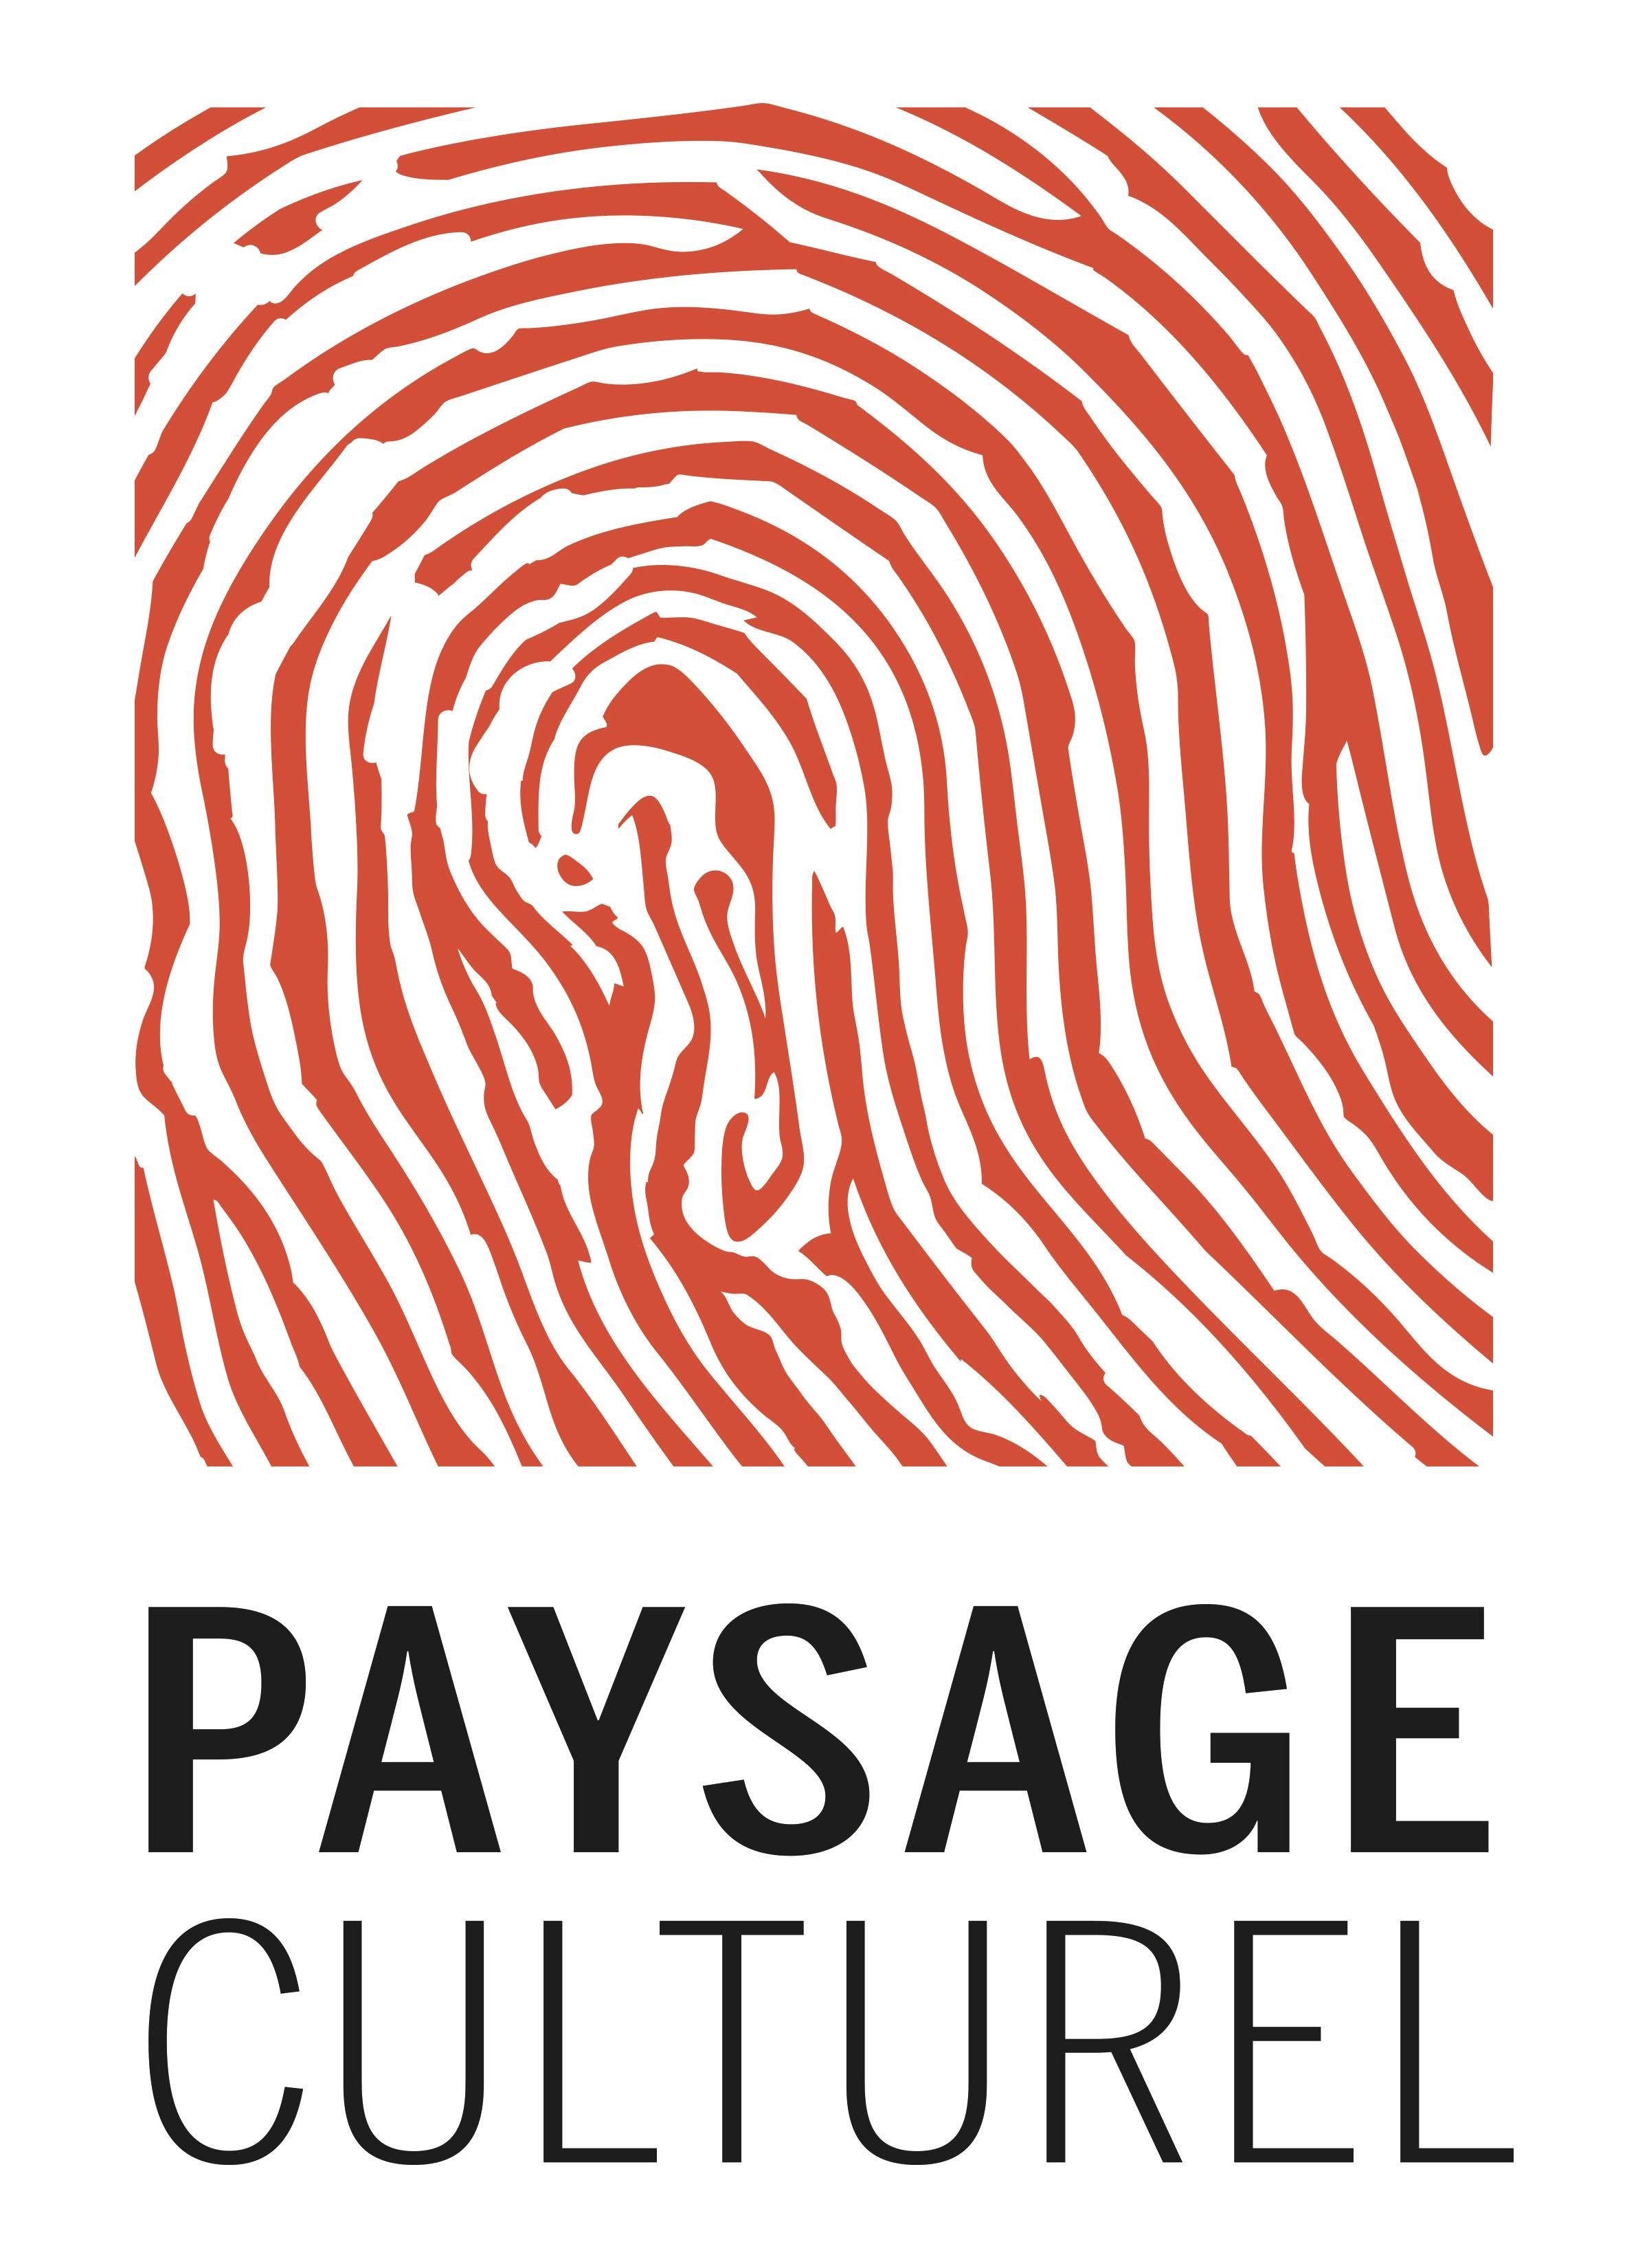 Paysage_Culturel_V_cmyk_rouge(1) (002).jpg